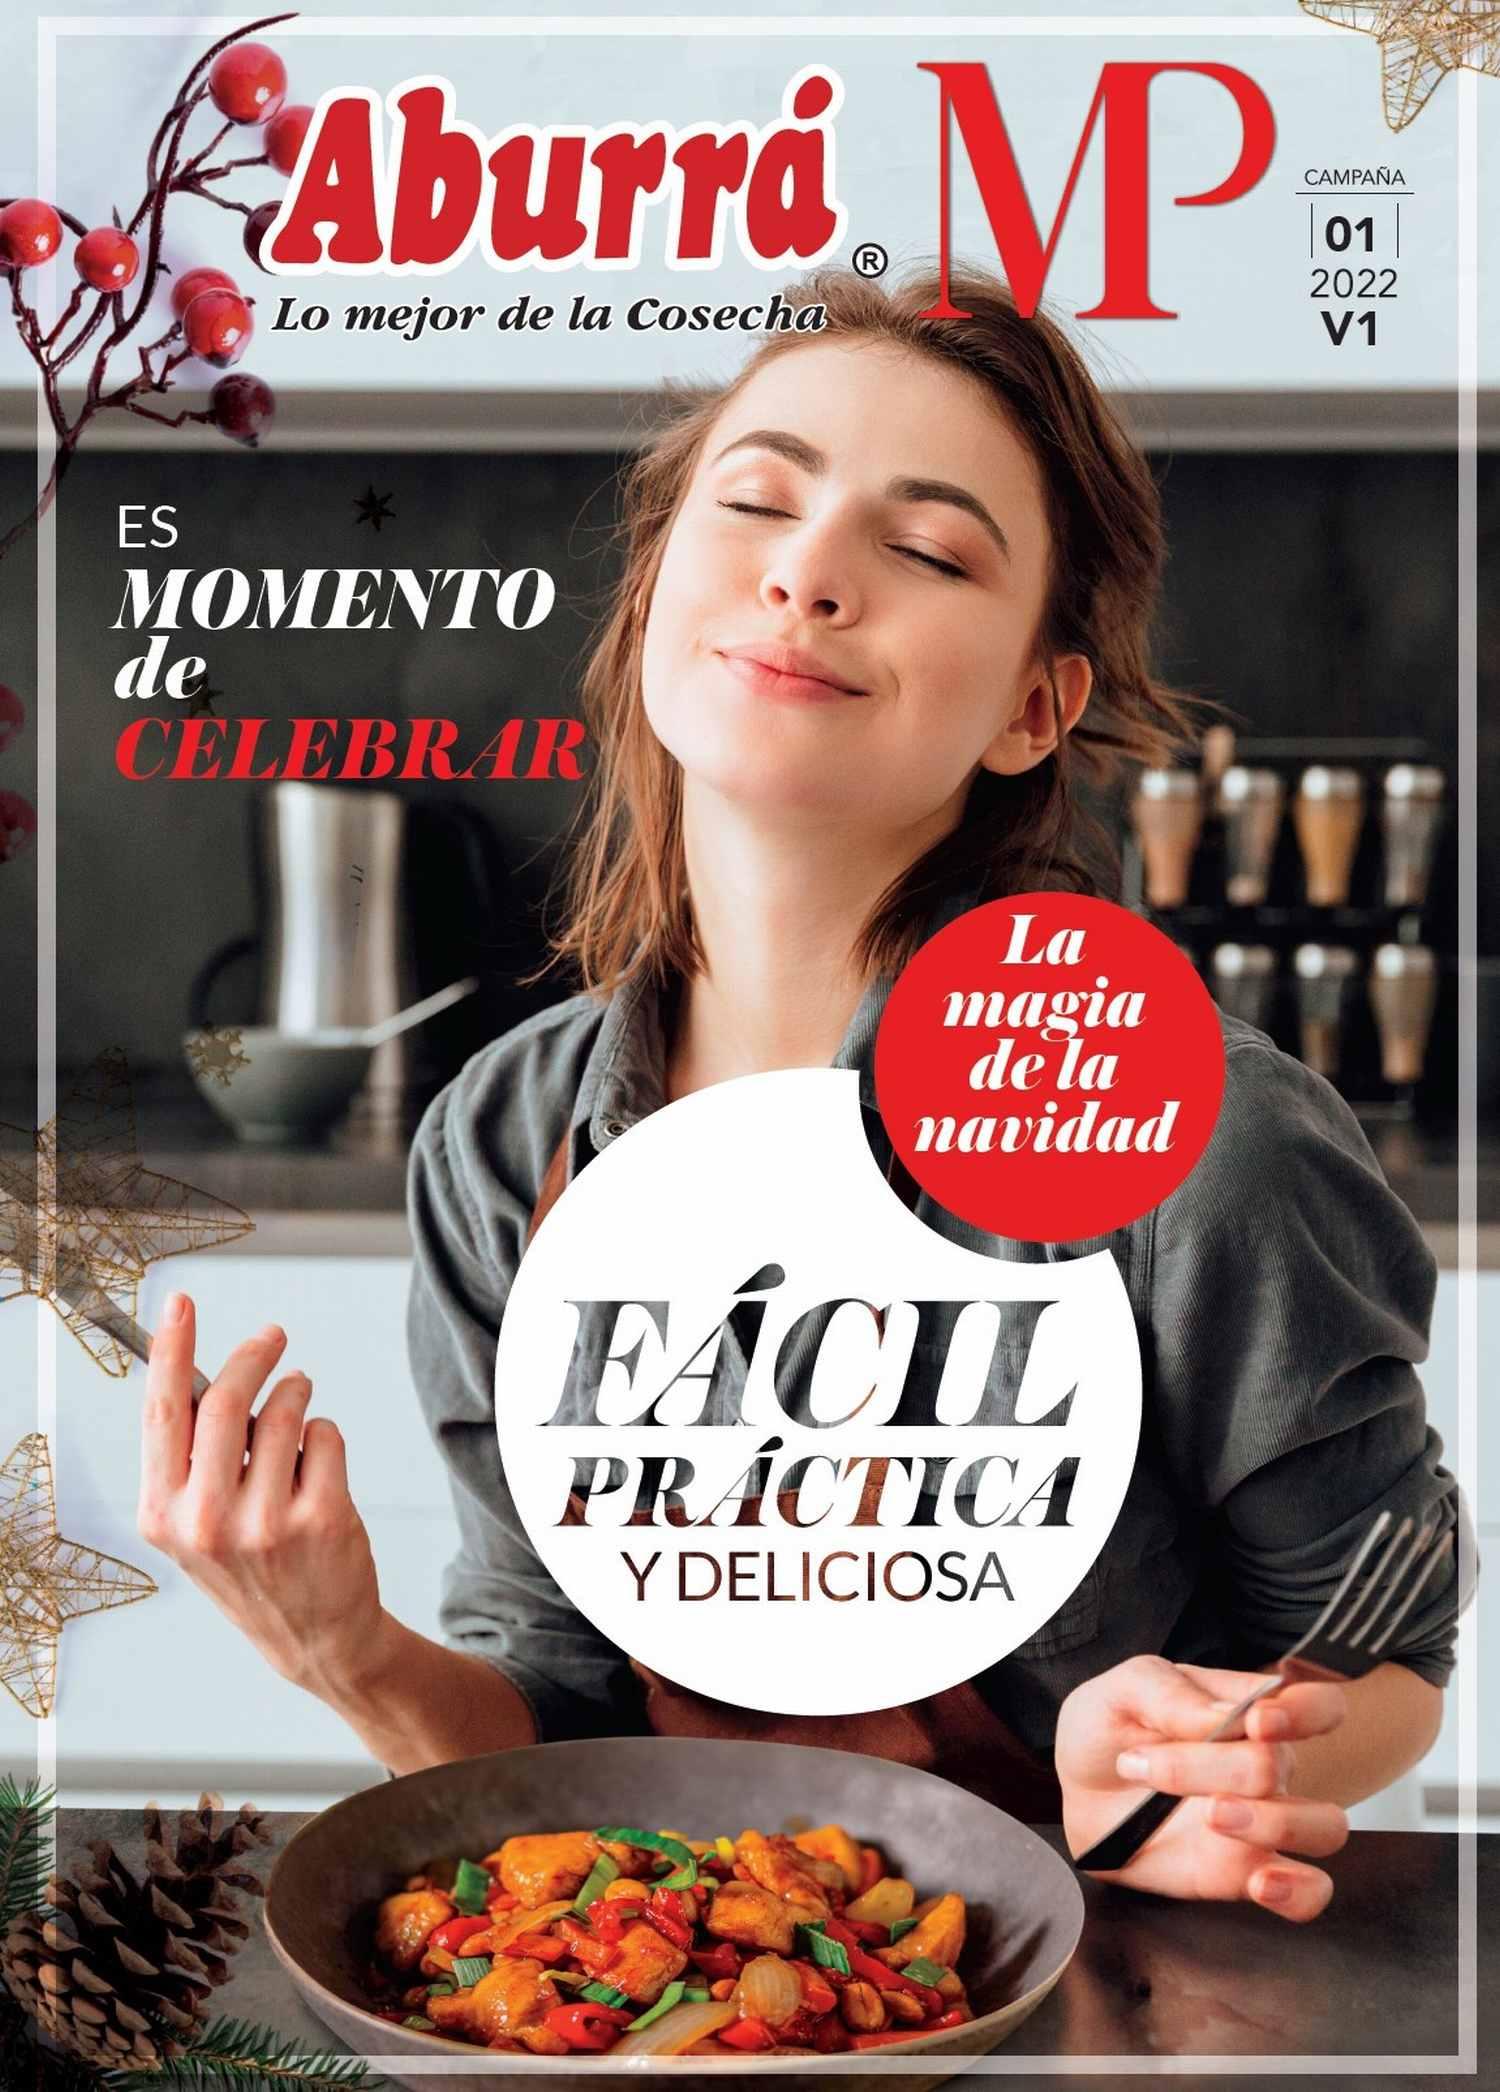 Catálogo Aburrá Campaña 17 2021 Colombia